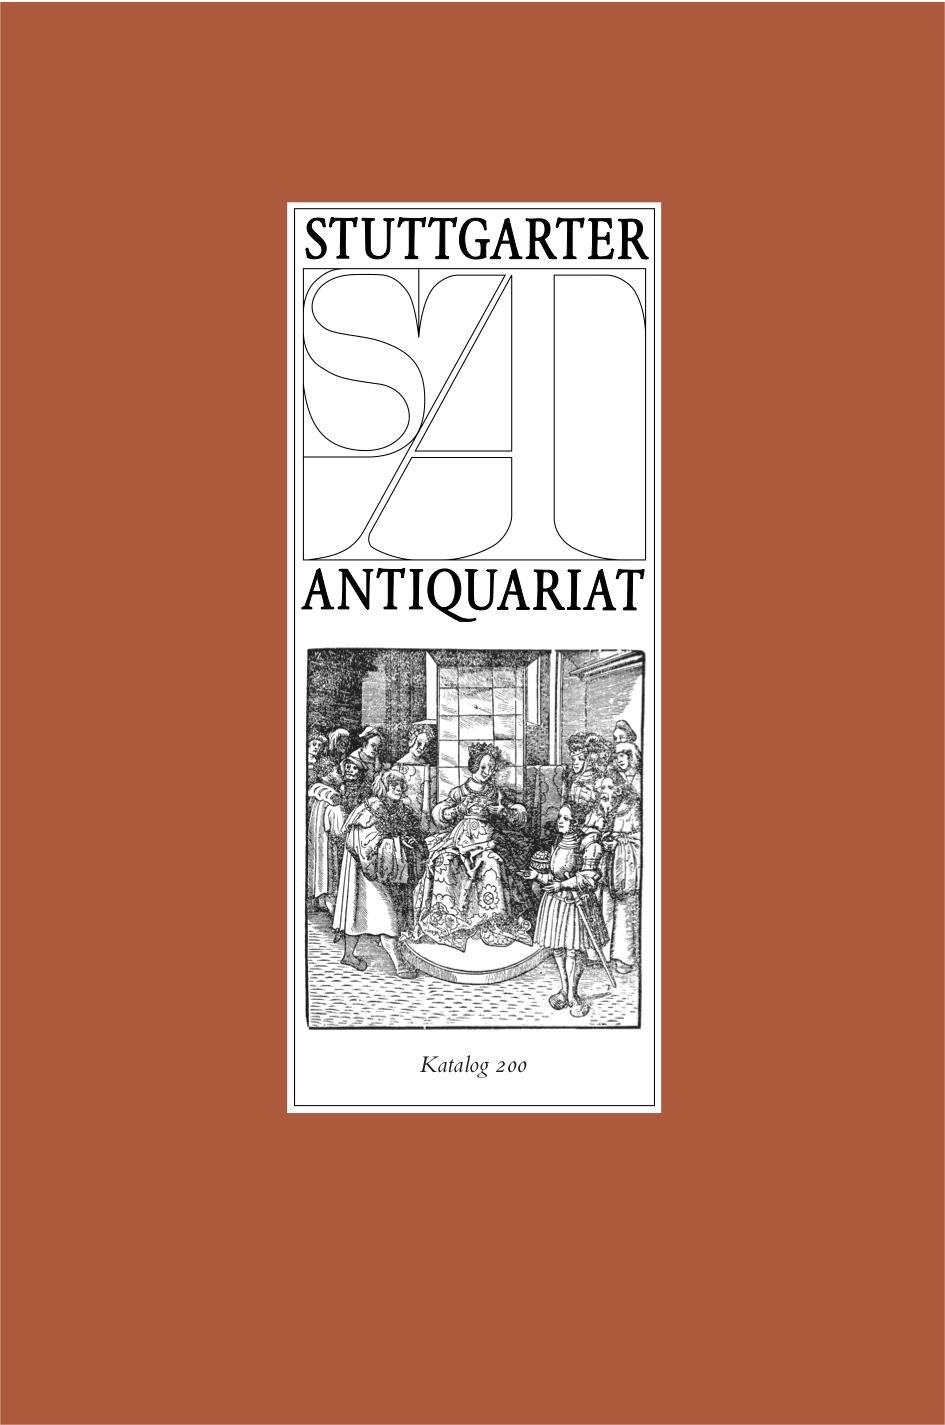 New: Catalogue 200